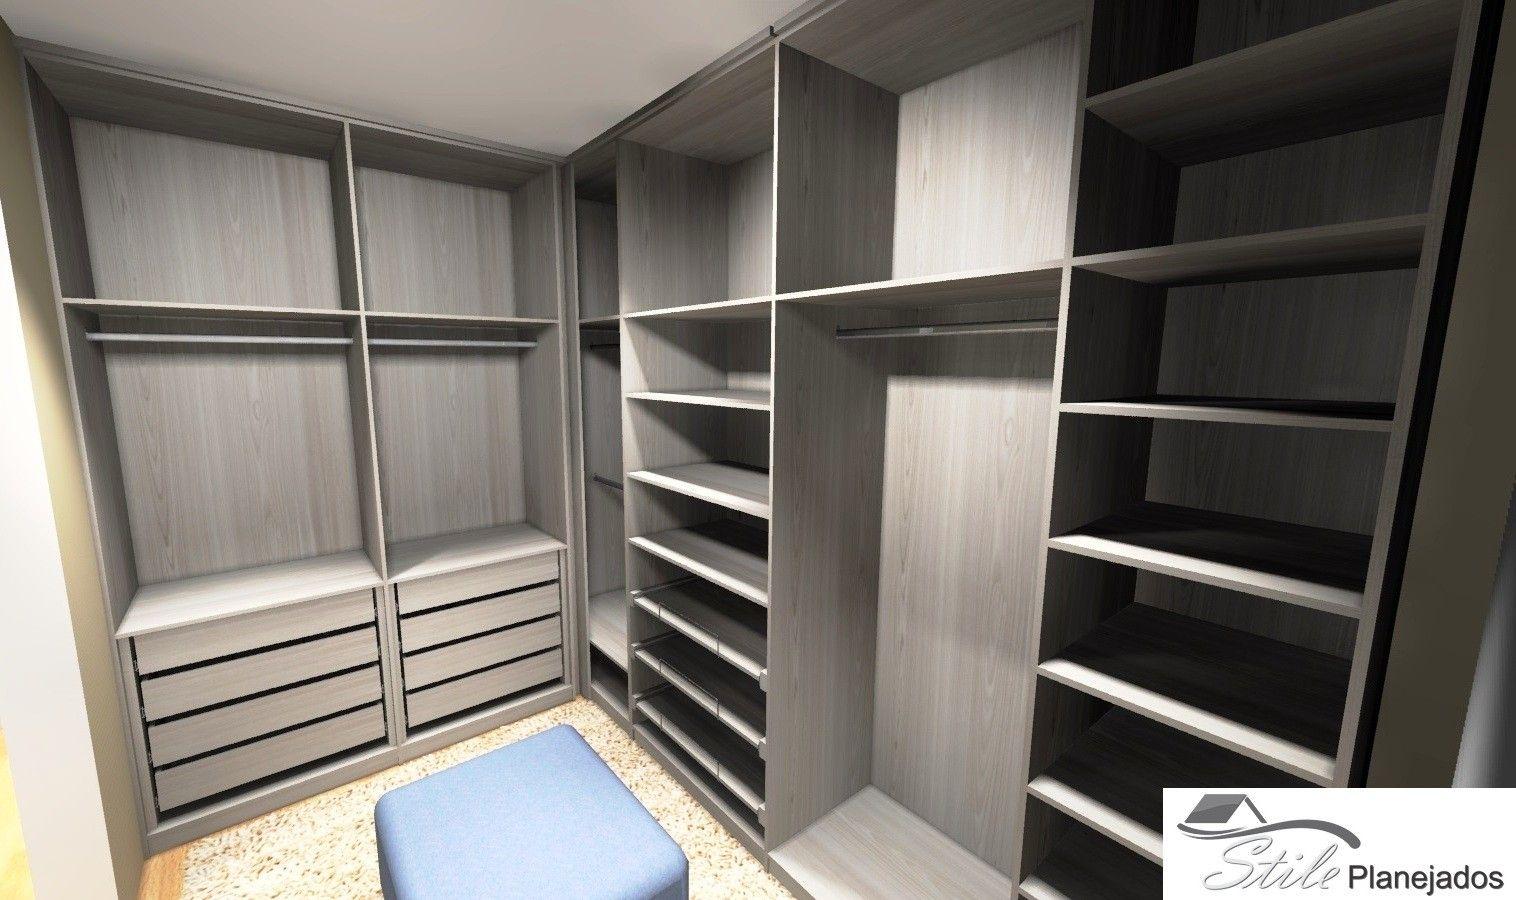 Ambiente Planejado para Closet no Sacomã - Ambiente Planejado para Closet